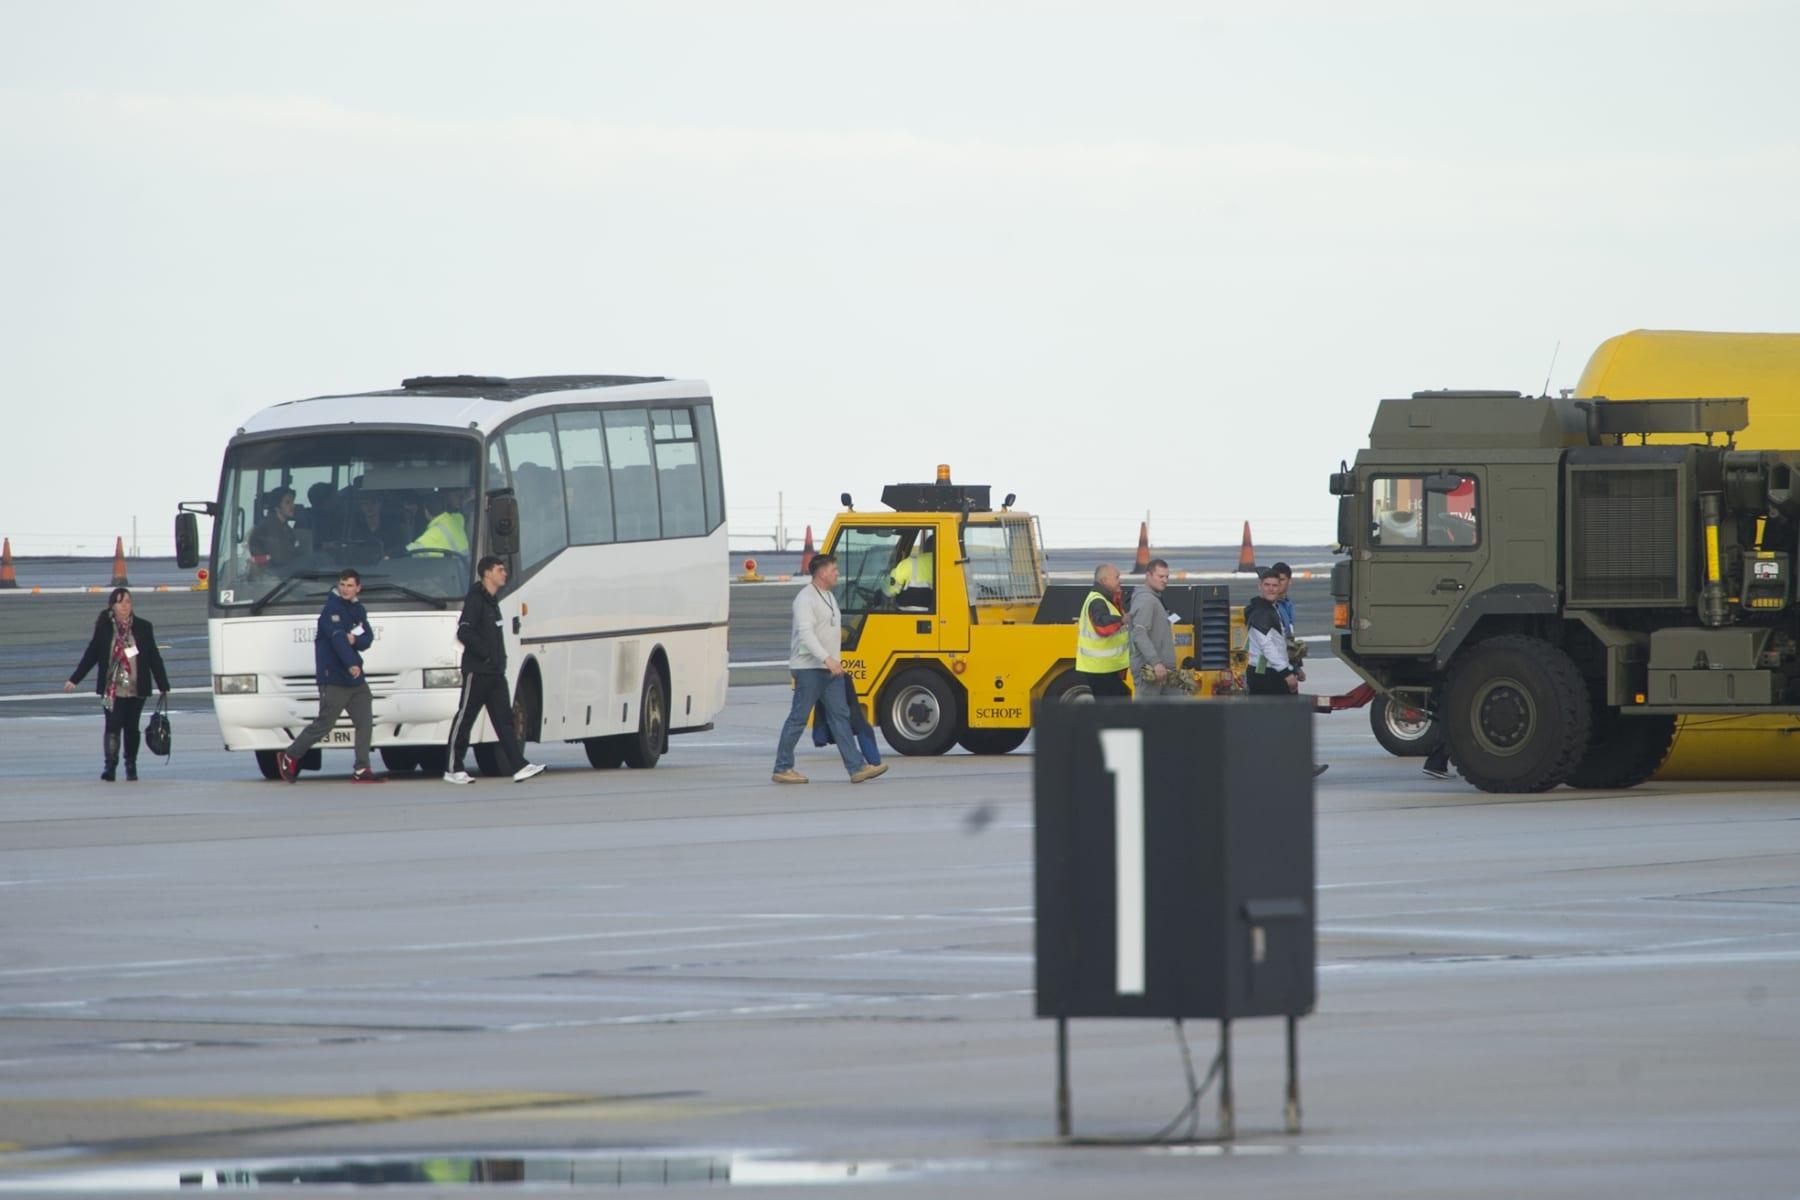 simulacro-accidente-aereo-en-gibraltar-03122014-20_15943923715_o